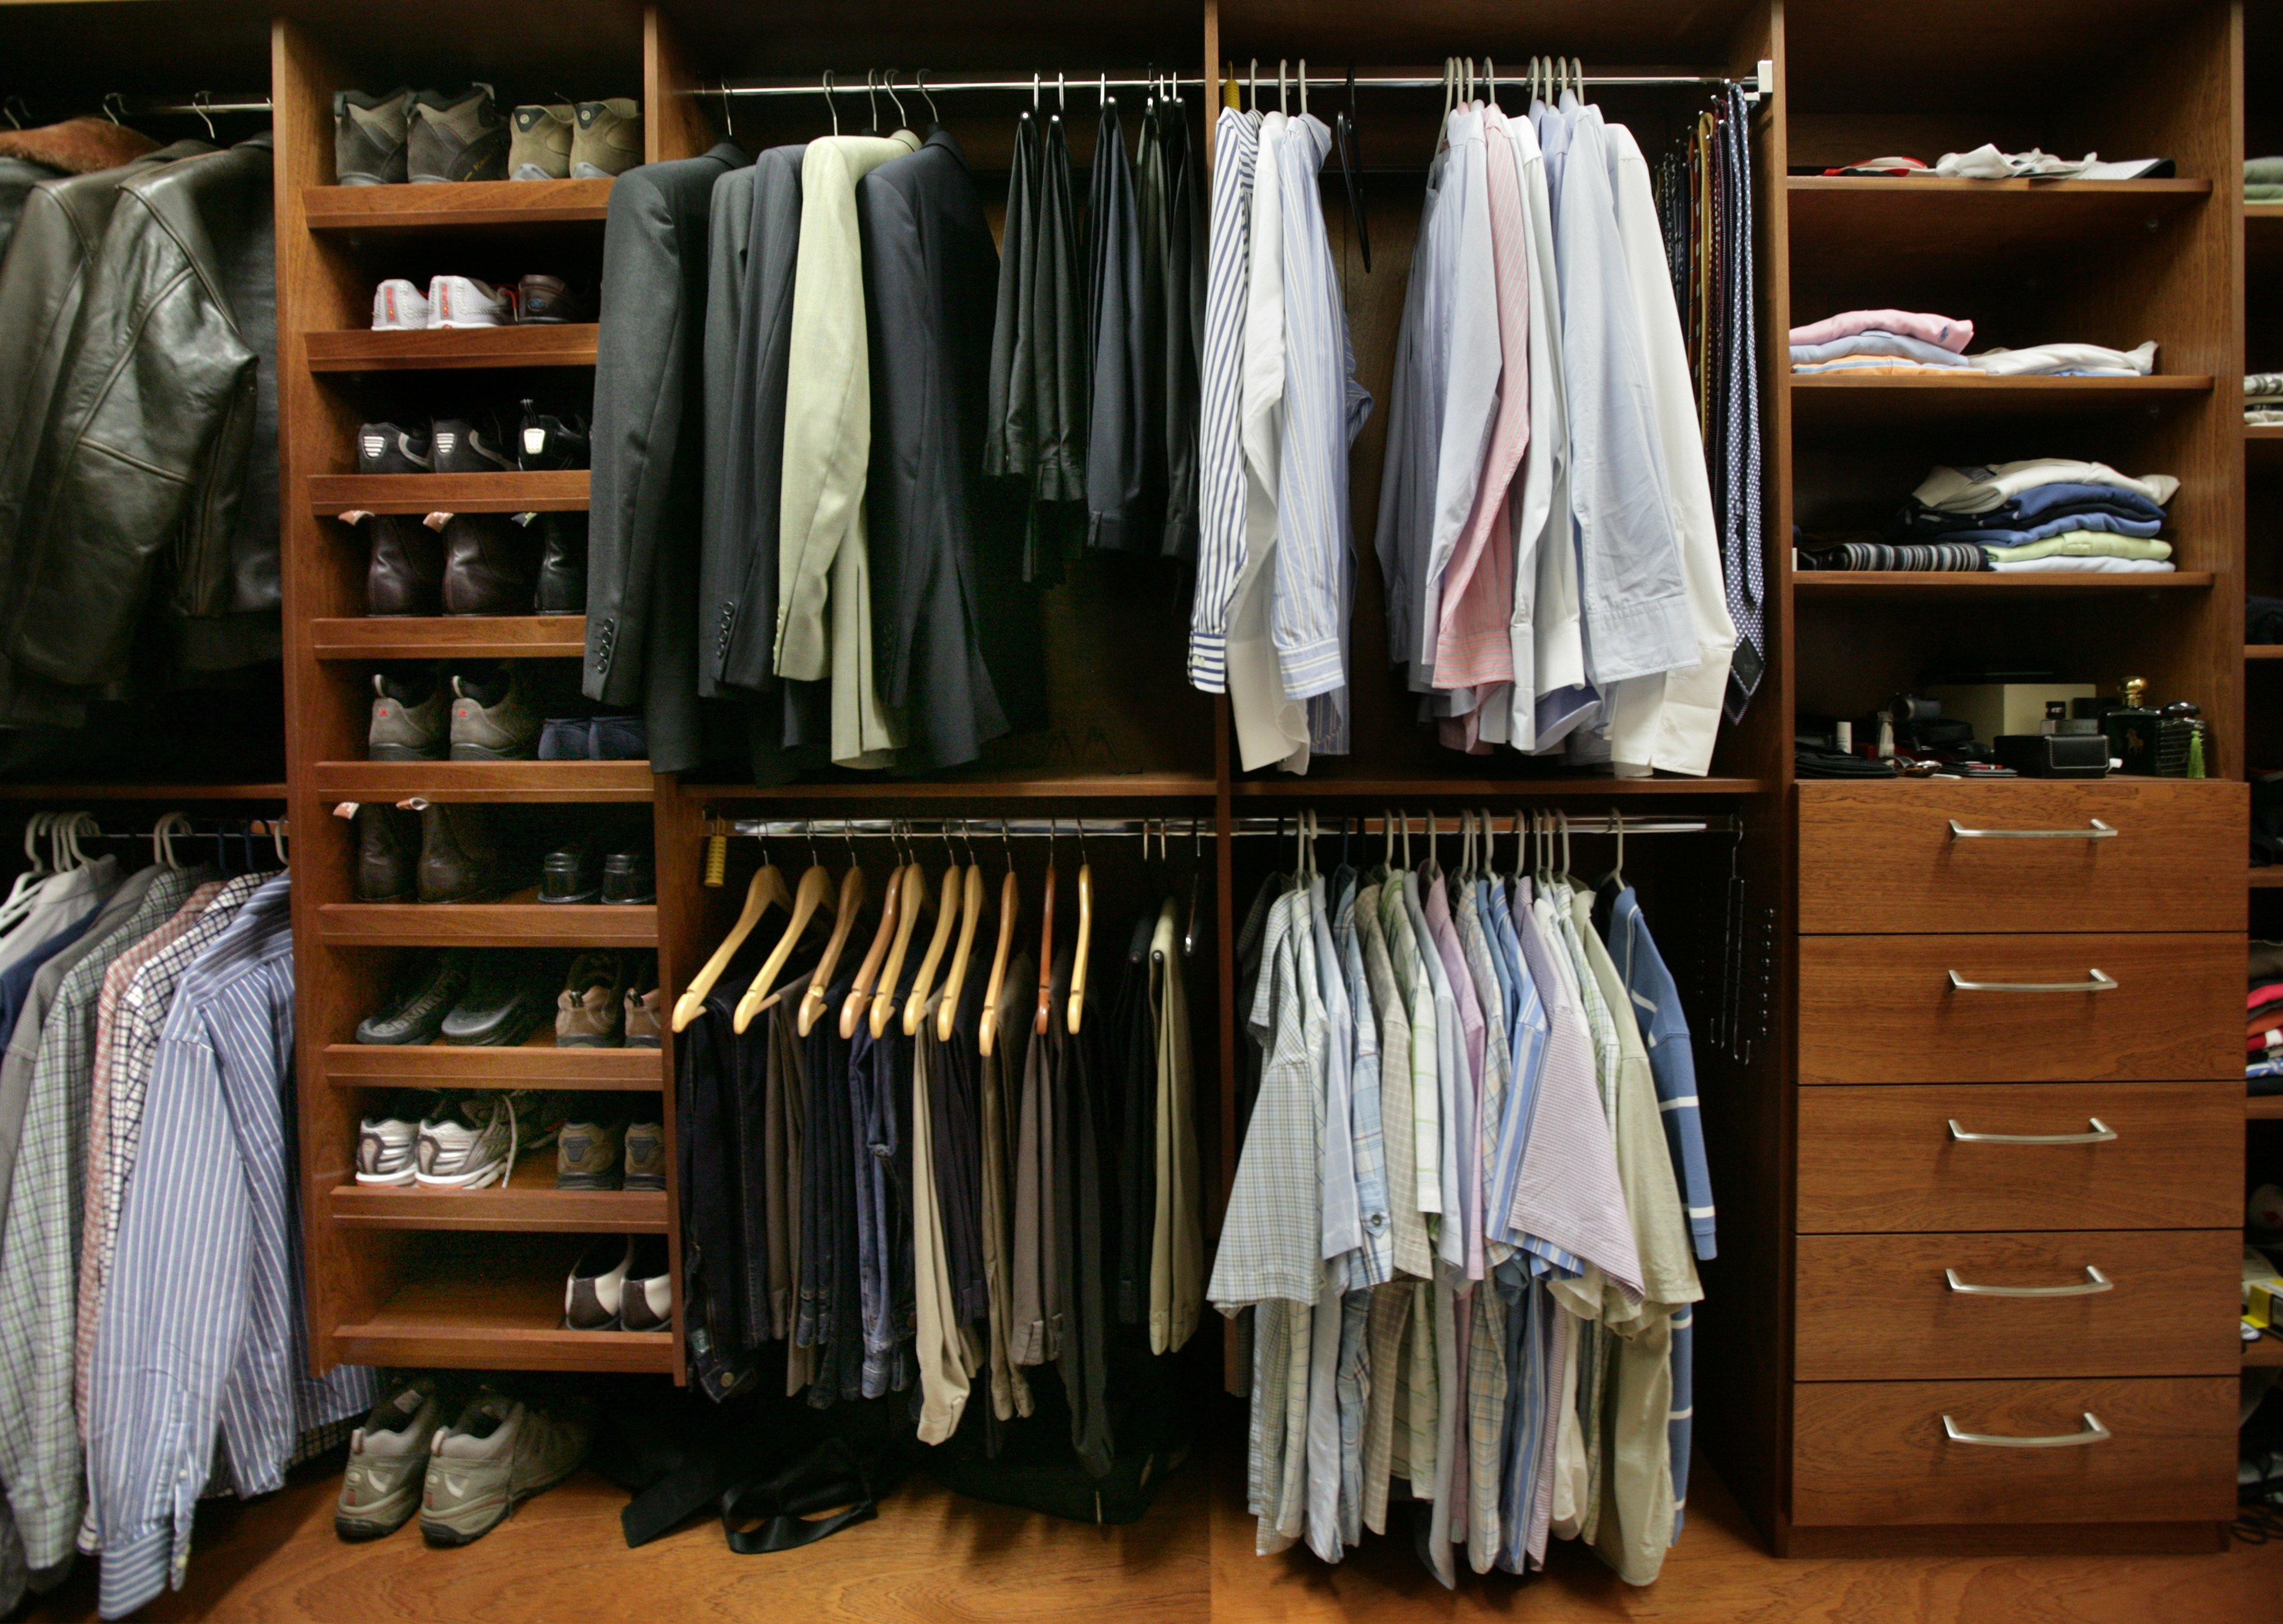 Dual wardrobe hanging